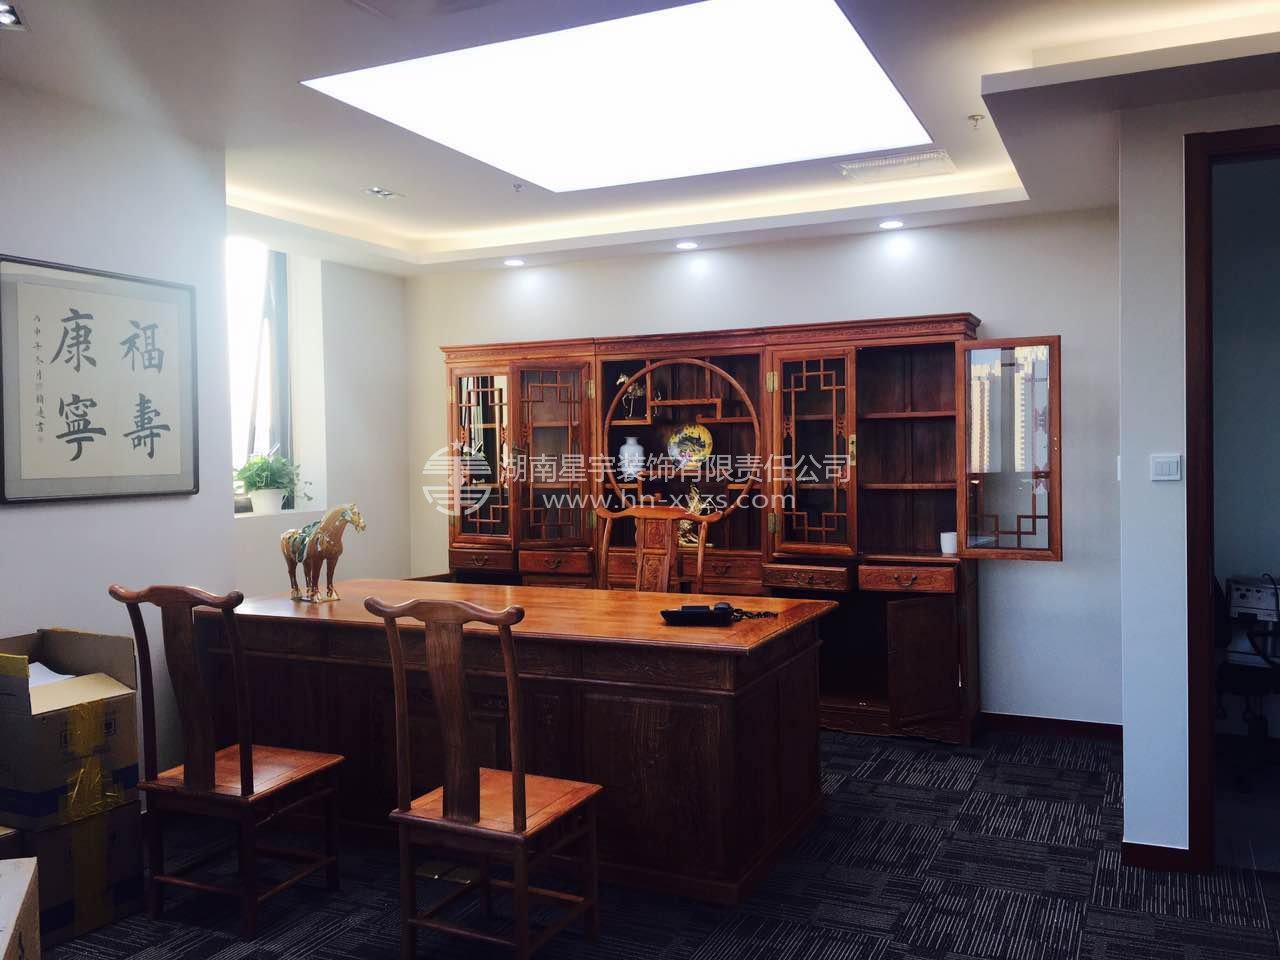 優藝國際北京辦公室